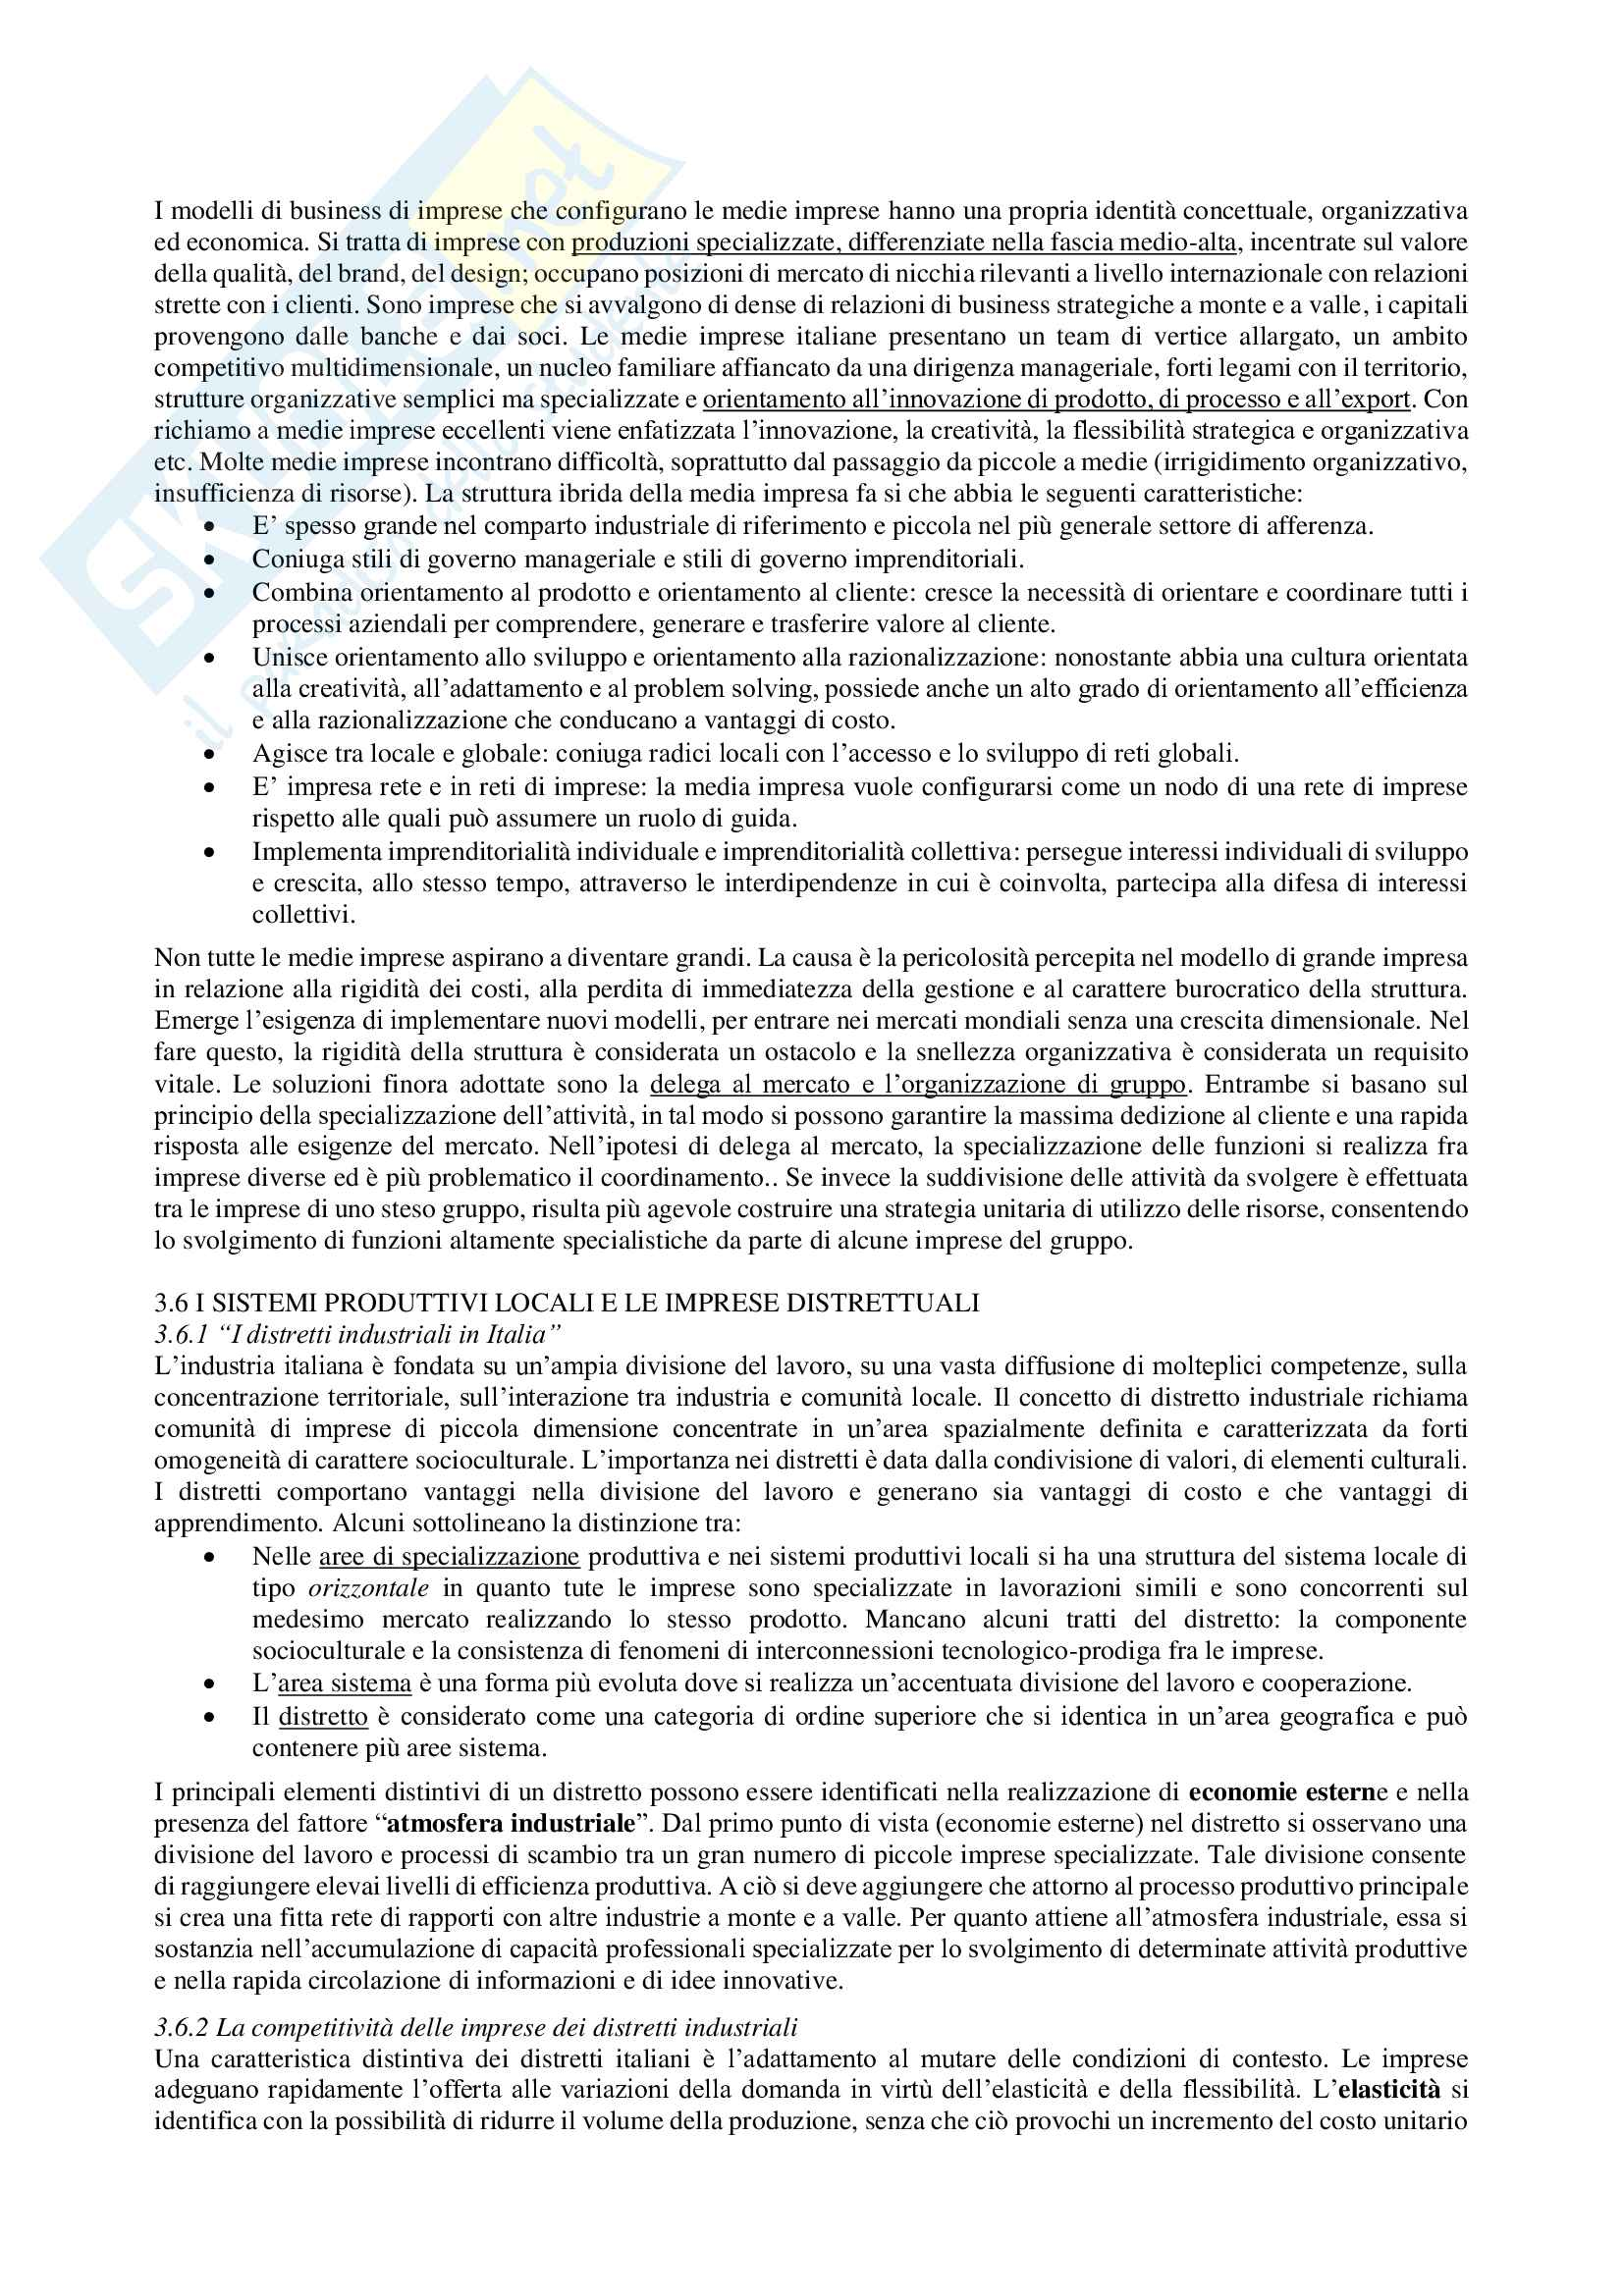 Riassunto esame Economia e management delle imprese, prof. Chiacchierini, libro consigliato Economia e management delle imprese, strategie e strumenti per la competitività e la gestione aziendale,Tunisini, Pencarelli, Ferrucci Pag. 16